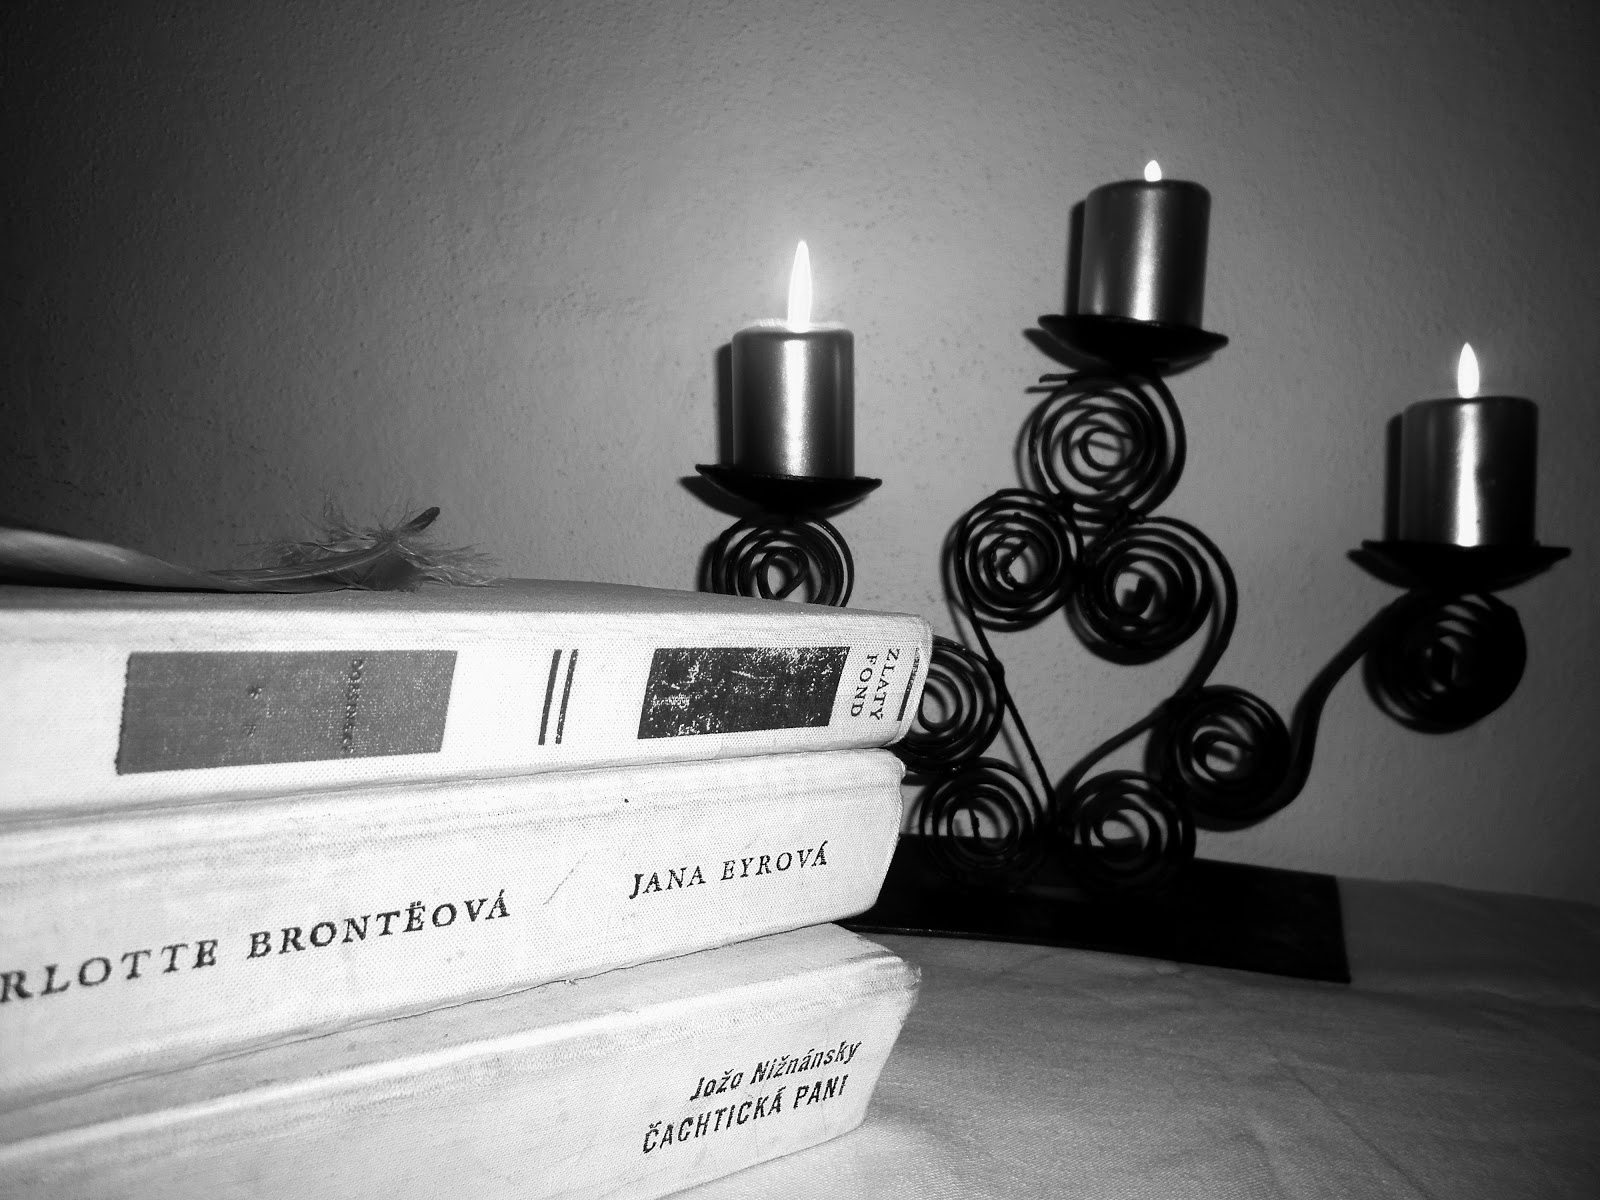 knihy a pehaňa